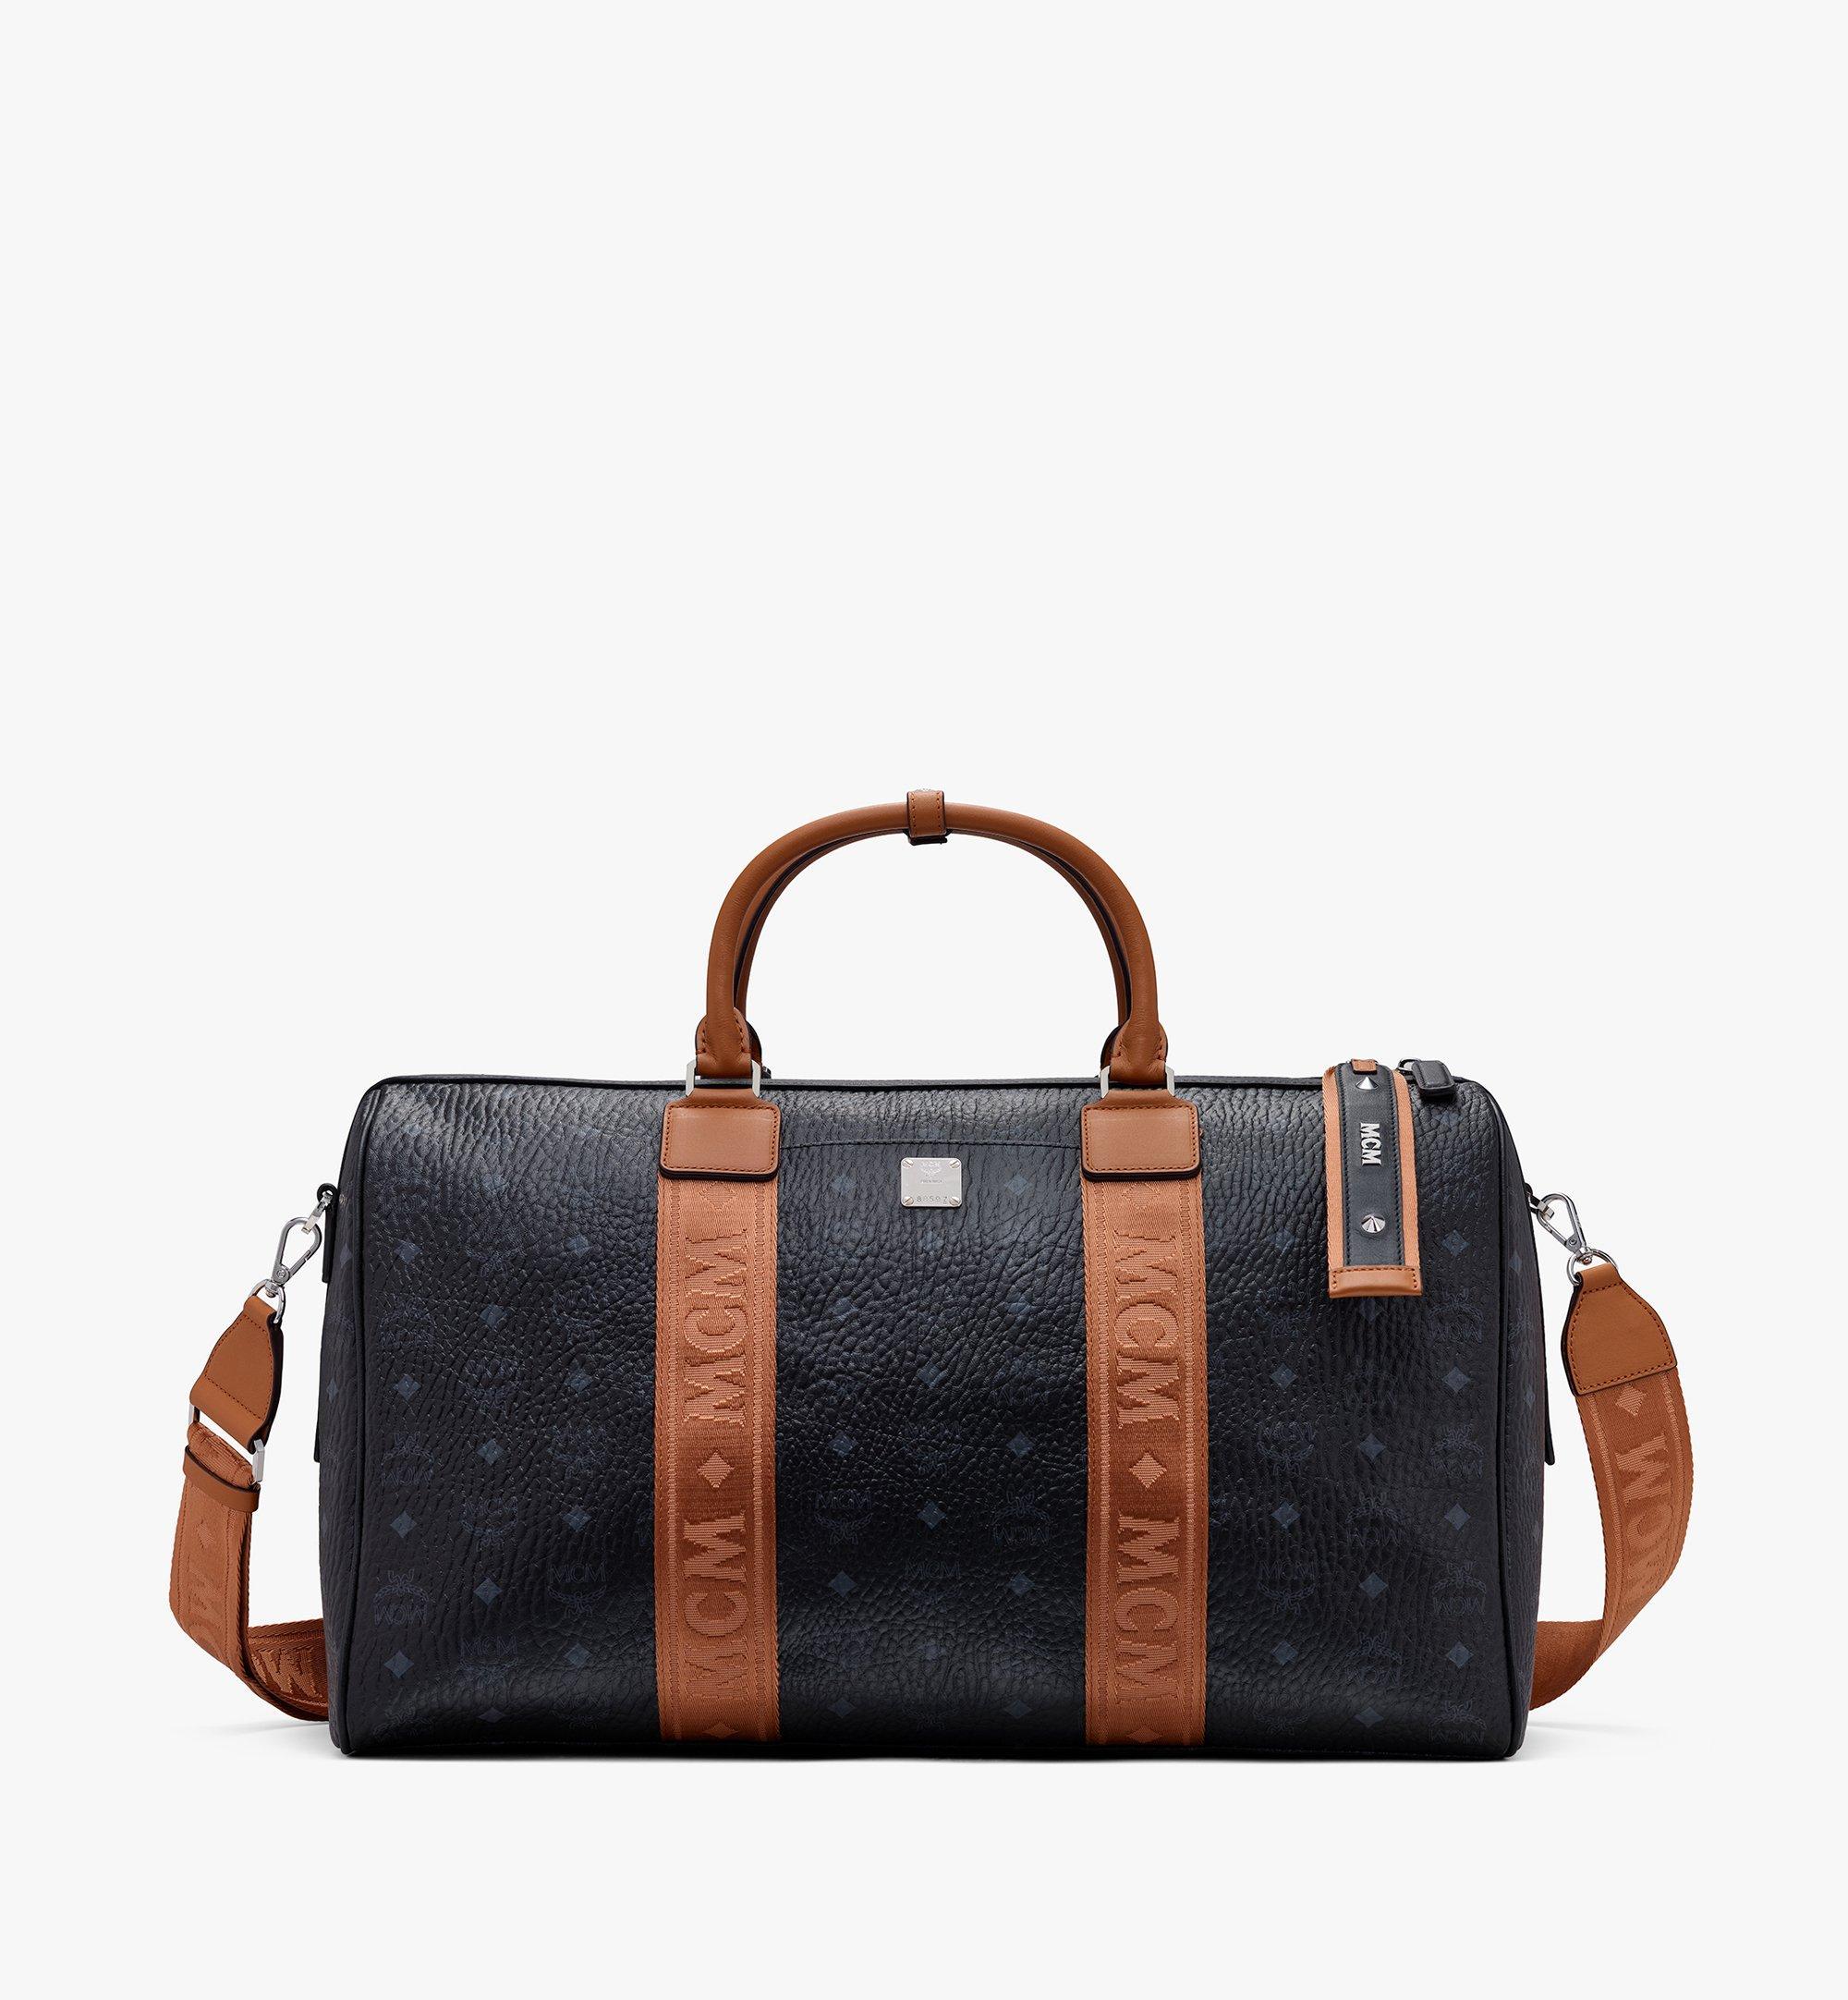 MCM Traveler Weekender Bag in Visetos Black MMVASVY04BK001 Alternate View 1